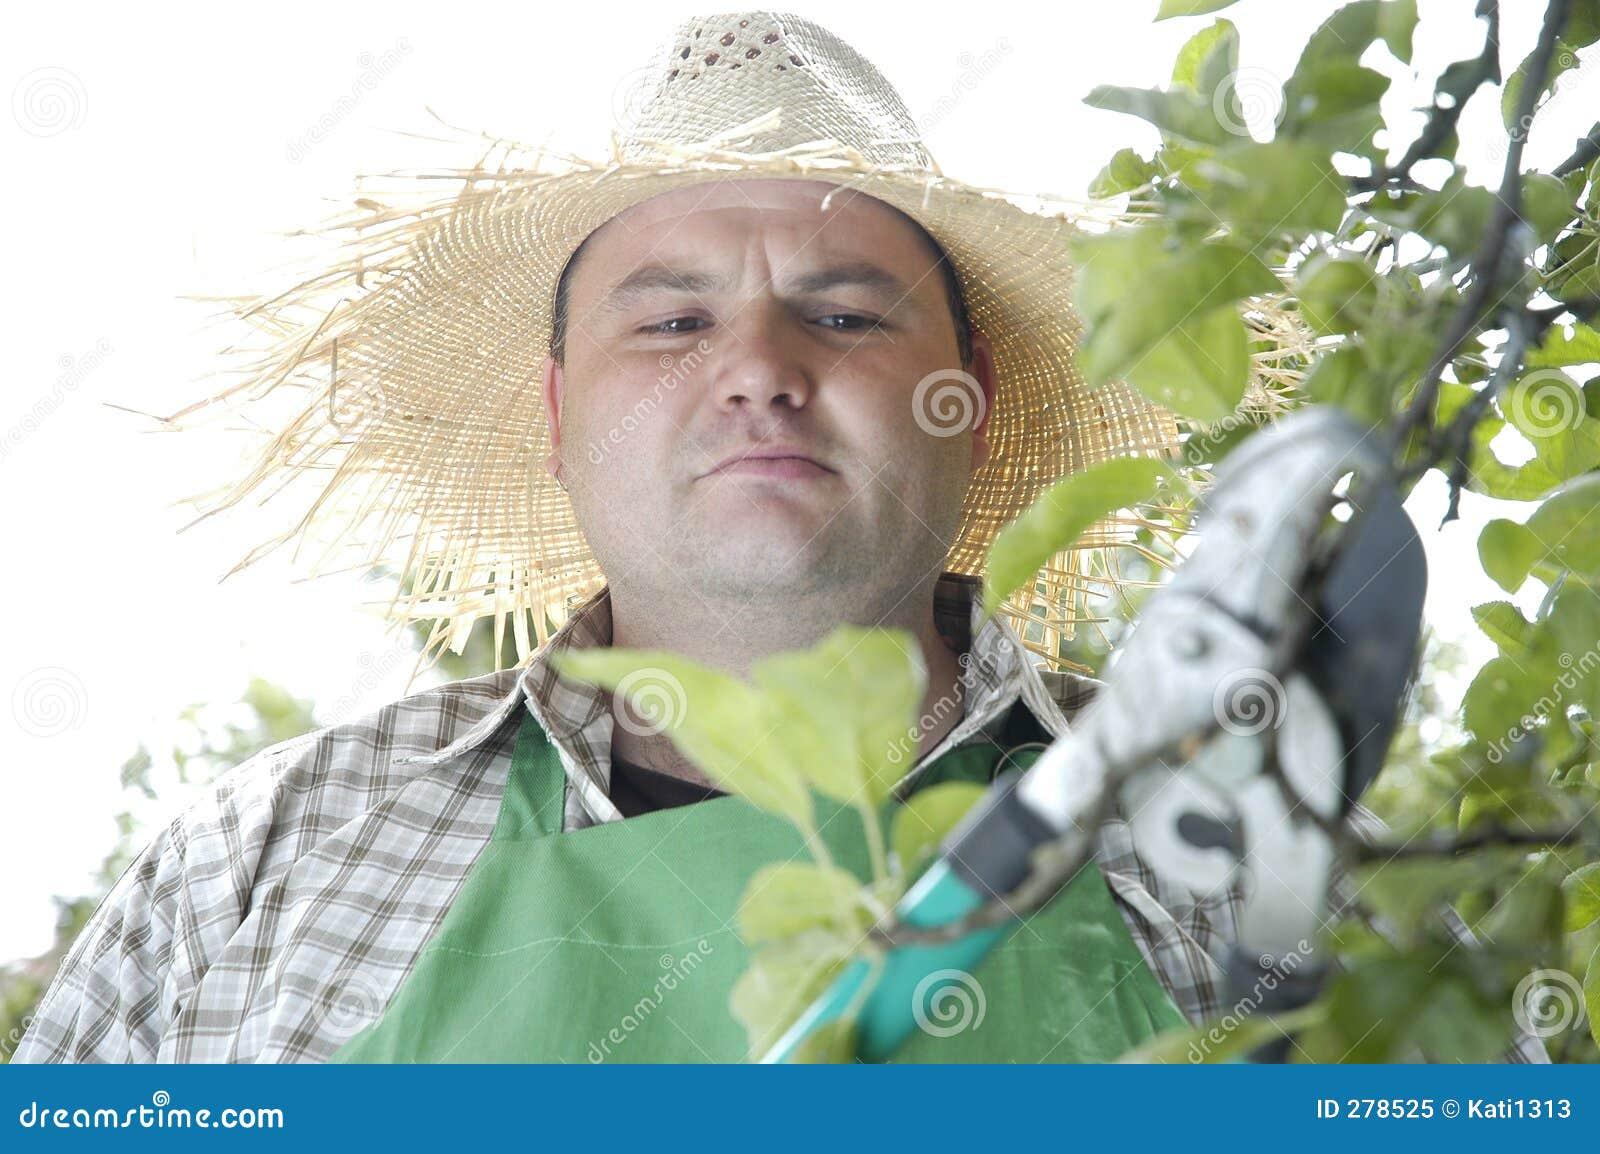 Tuinman: snoeiende scharen